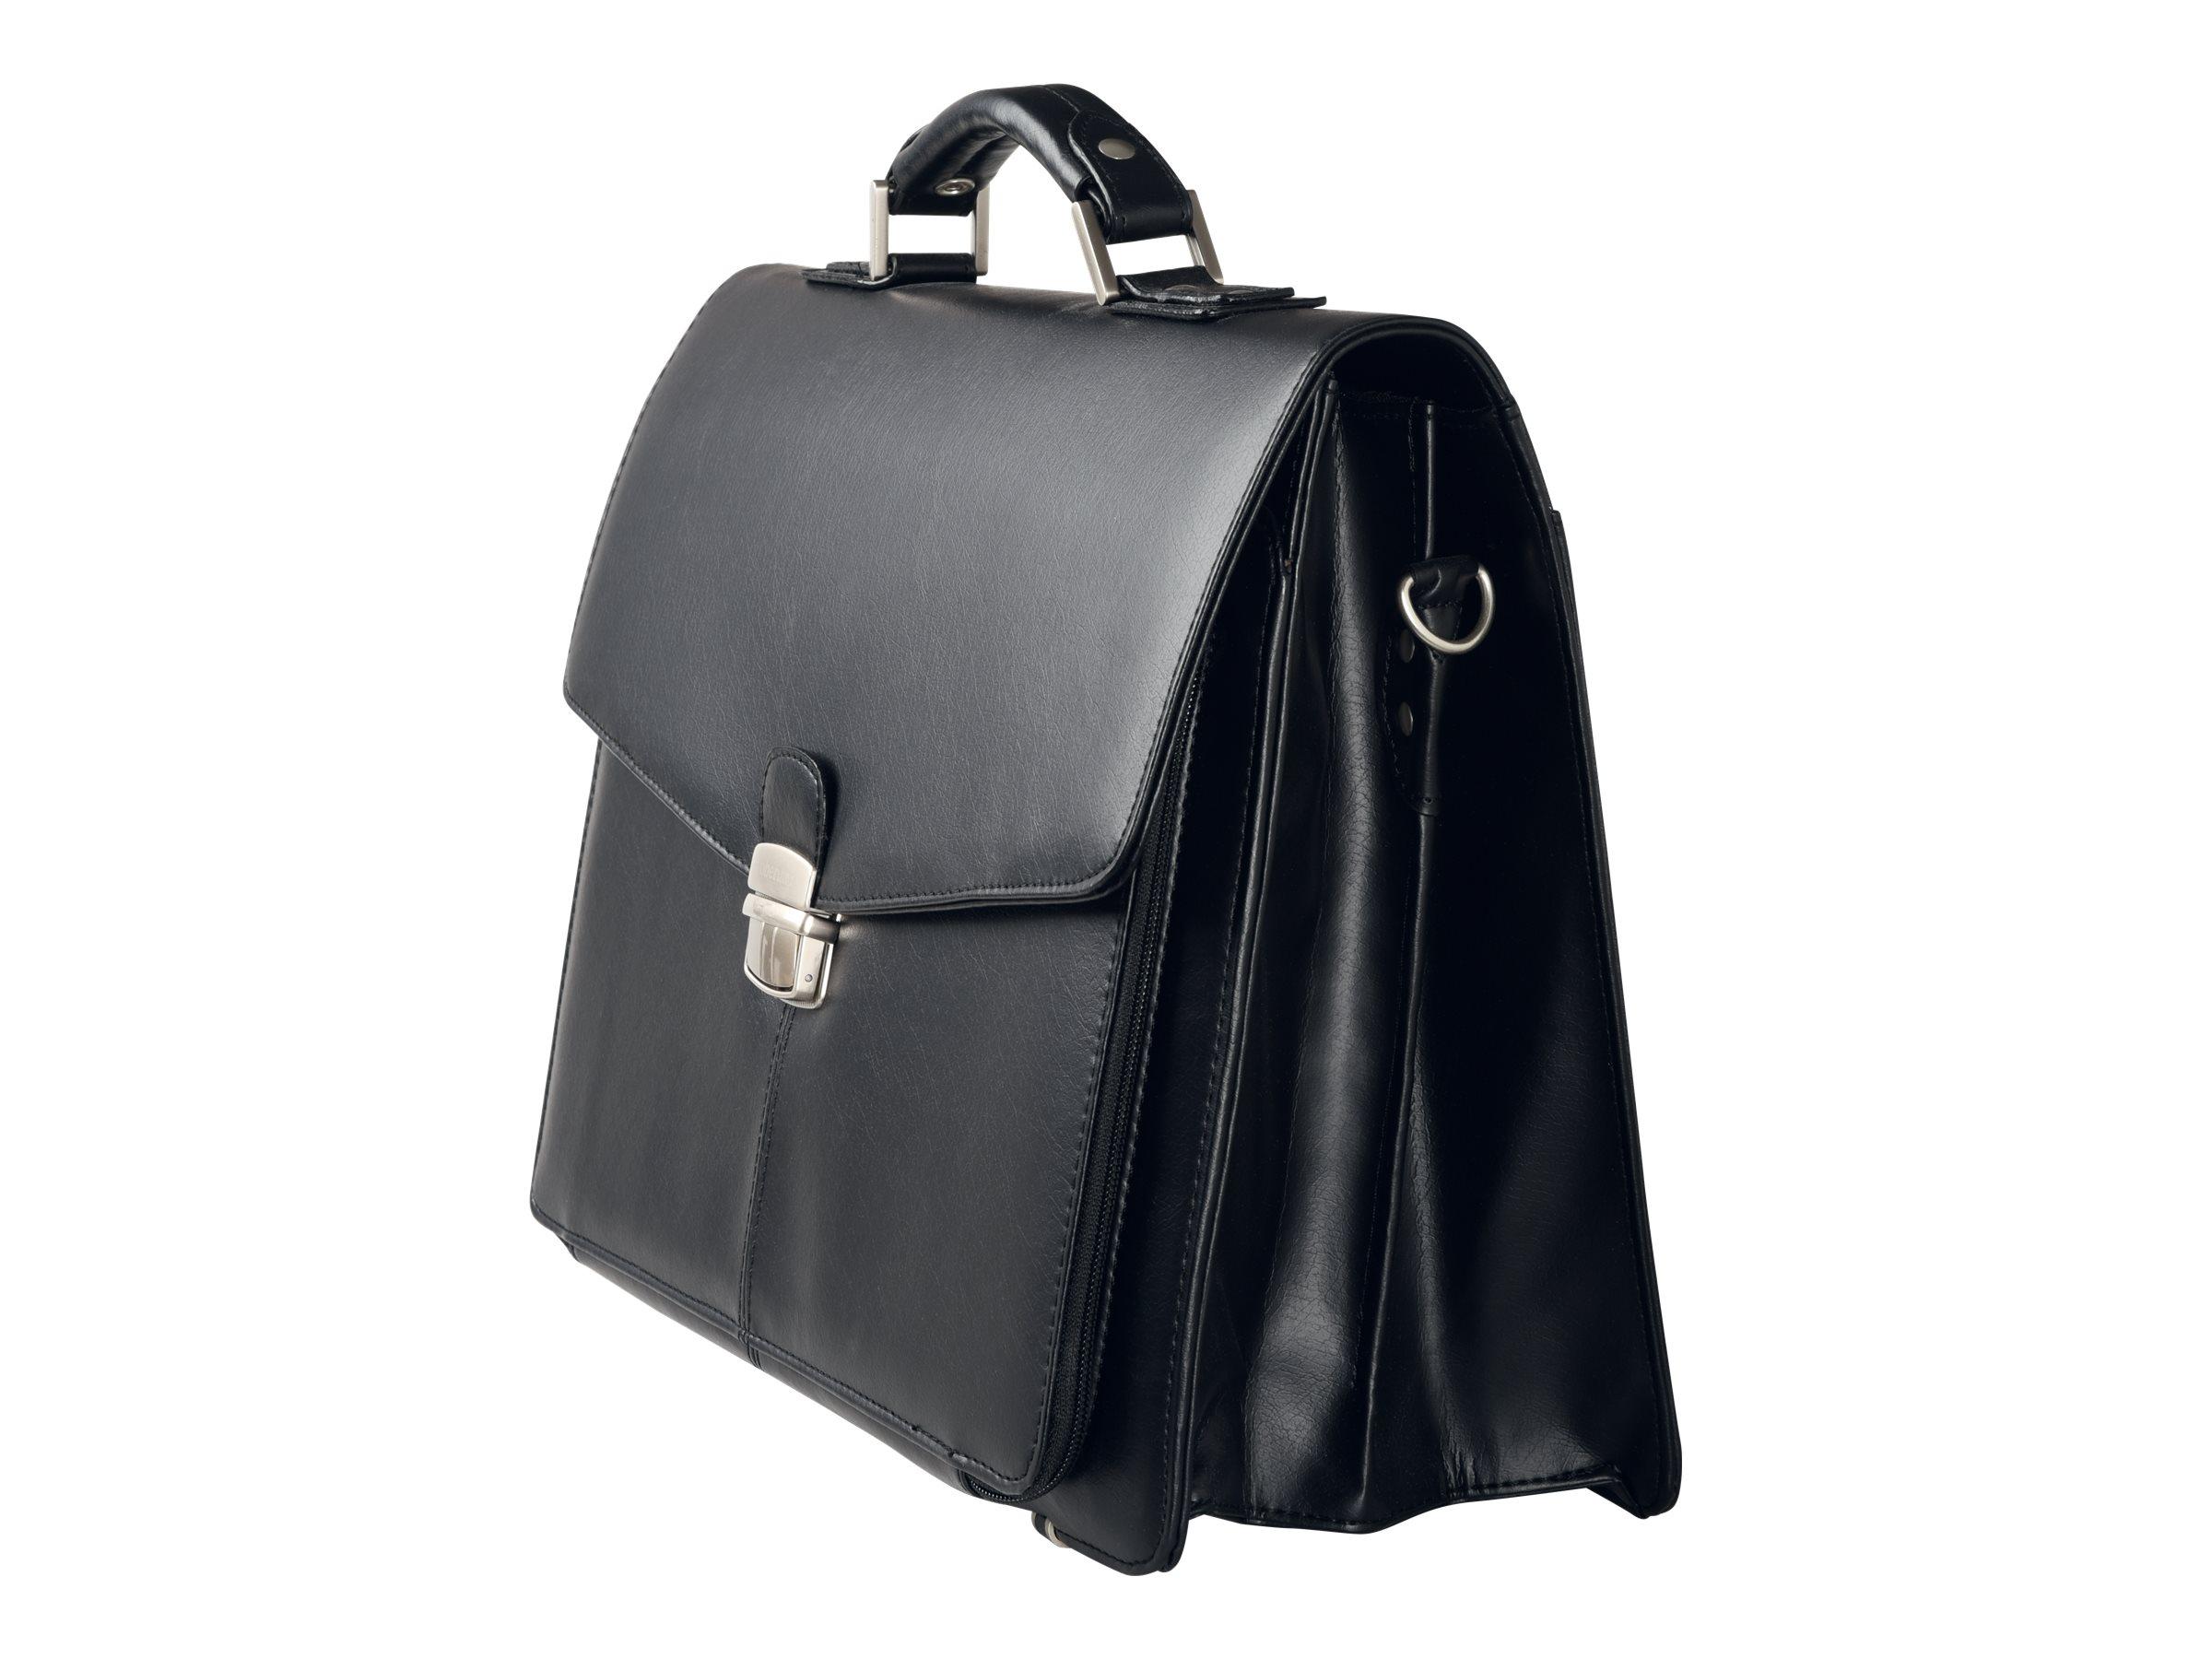 Oberthur Vancouver - Cartable rigide 2 compartiments - noir